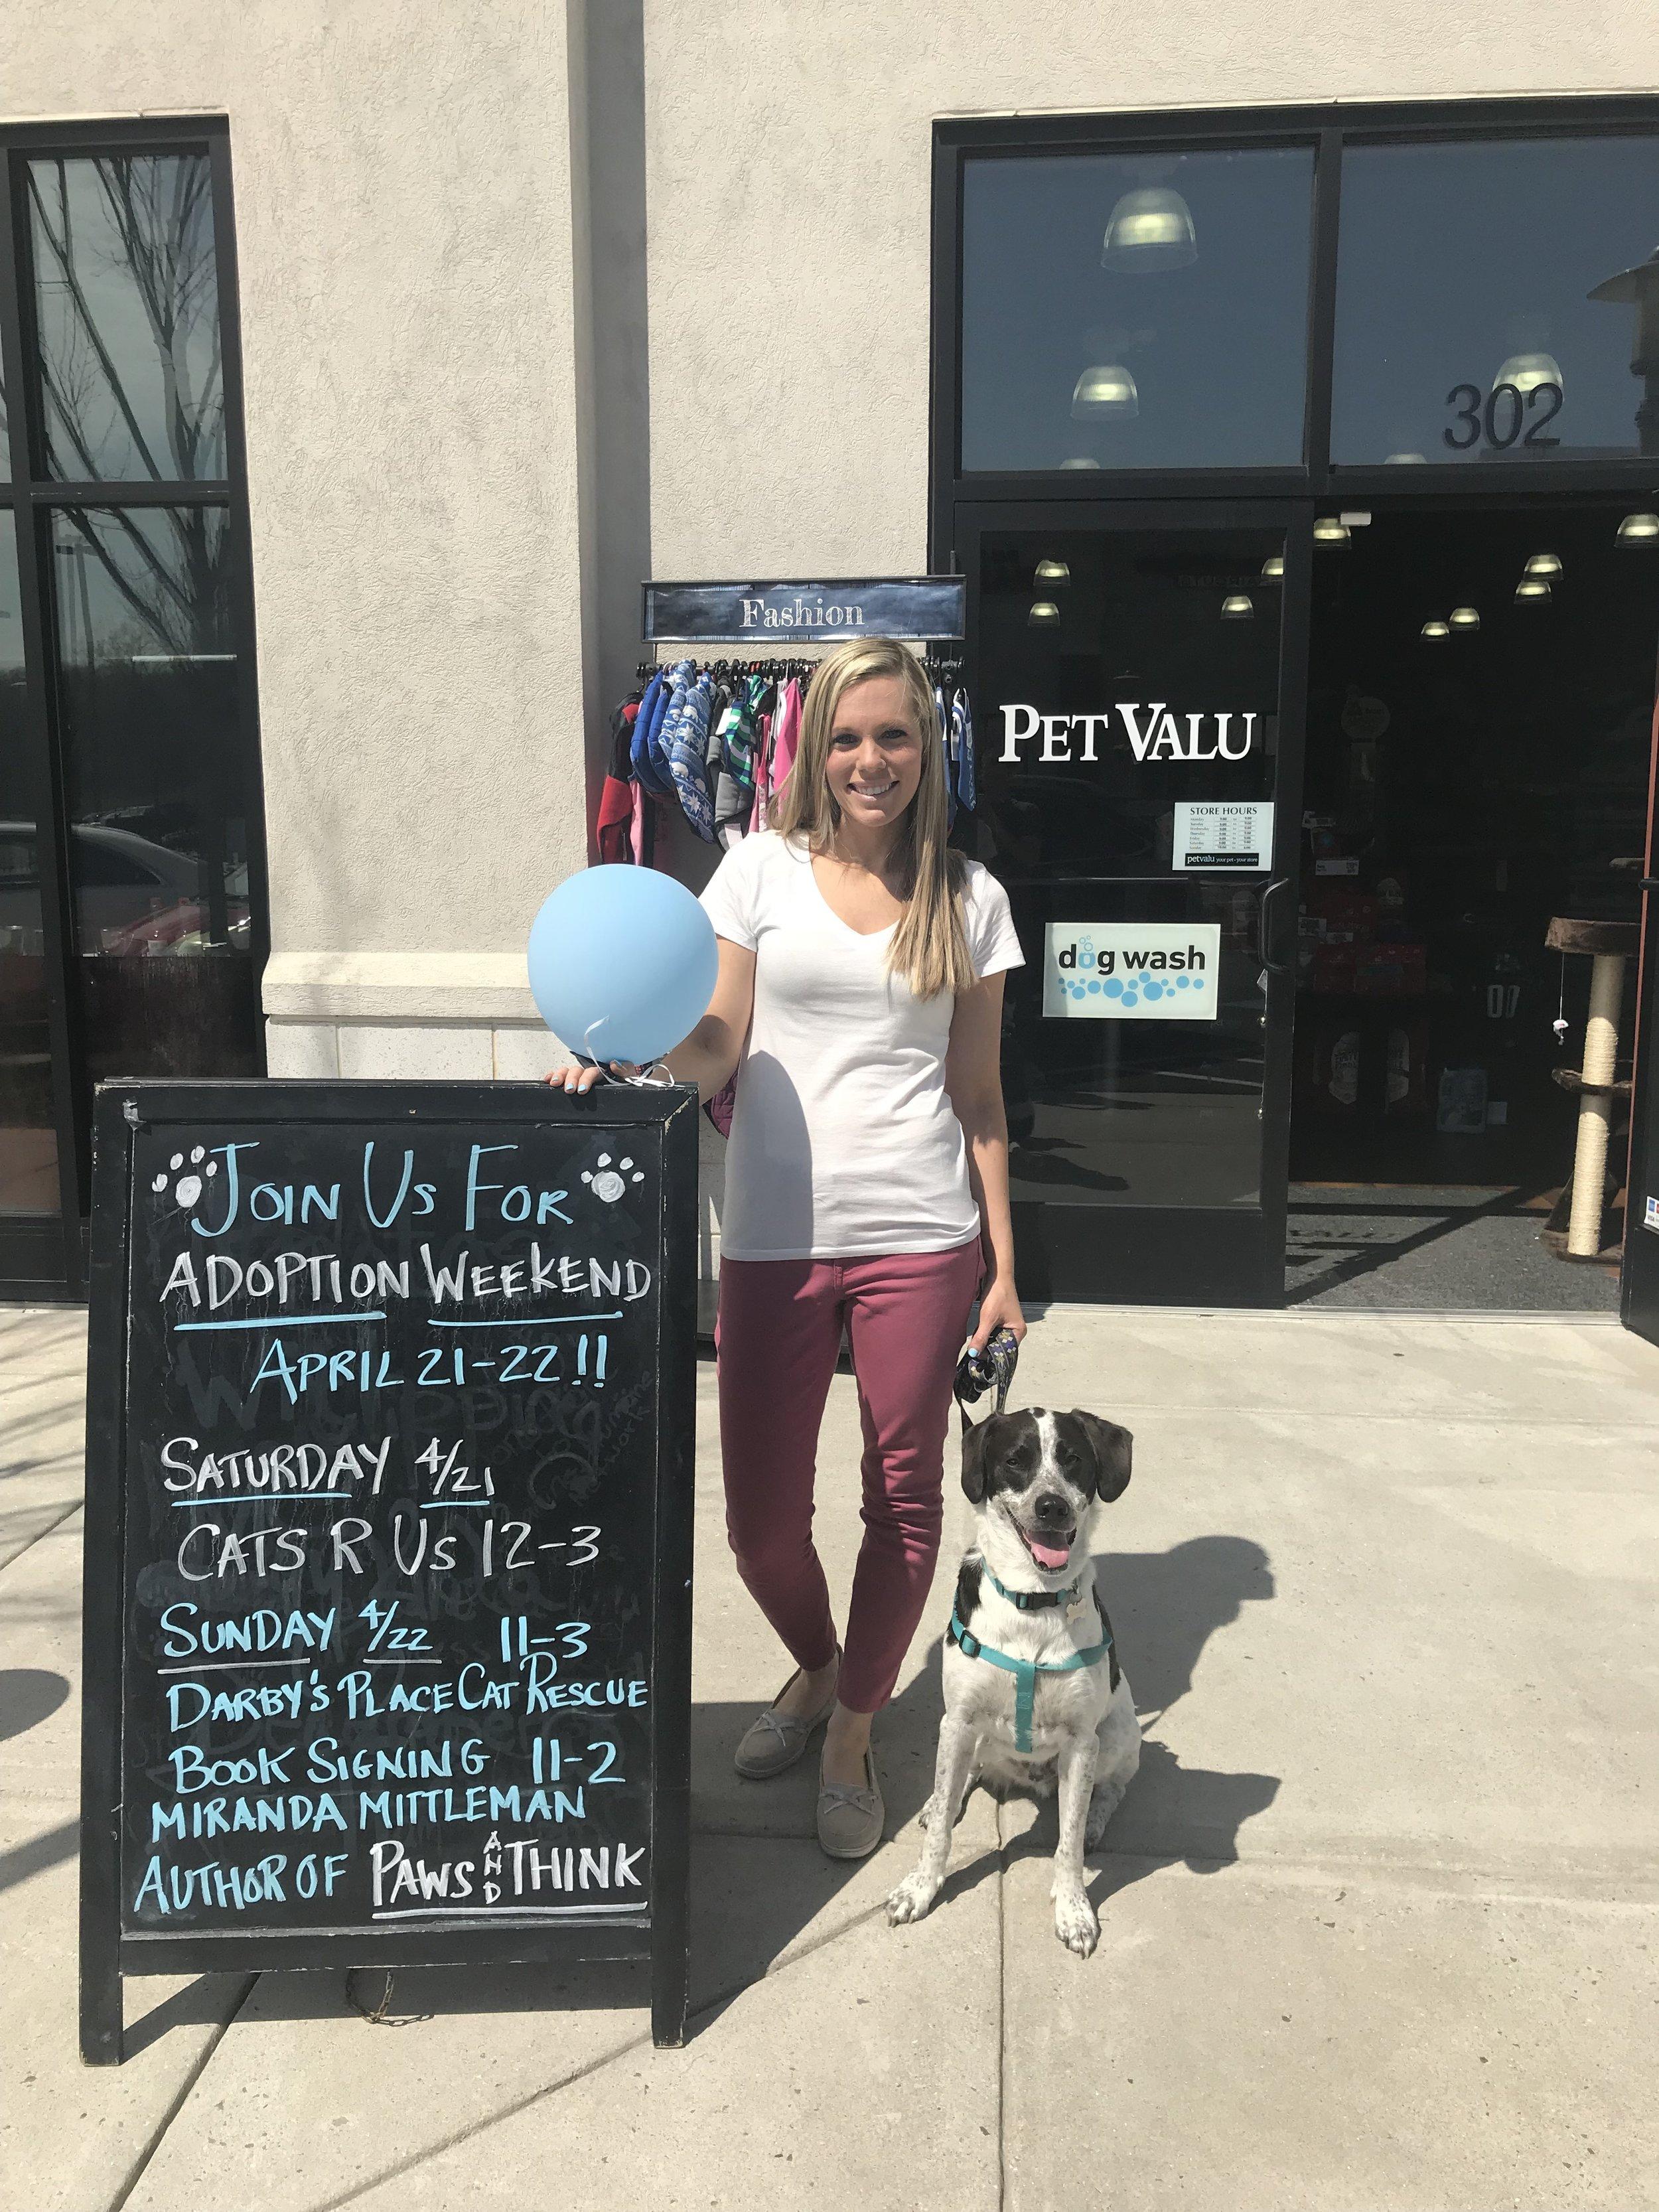 Pet Valu Adoption Event